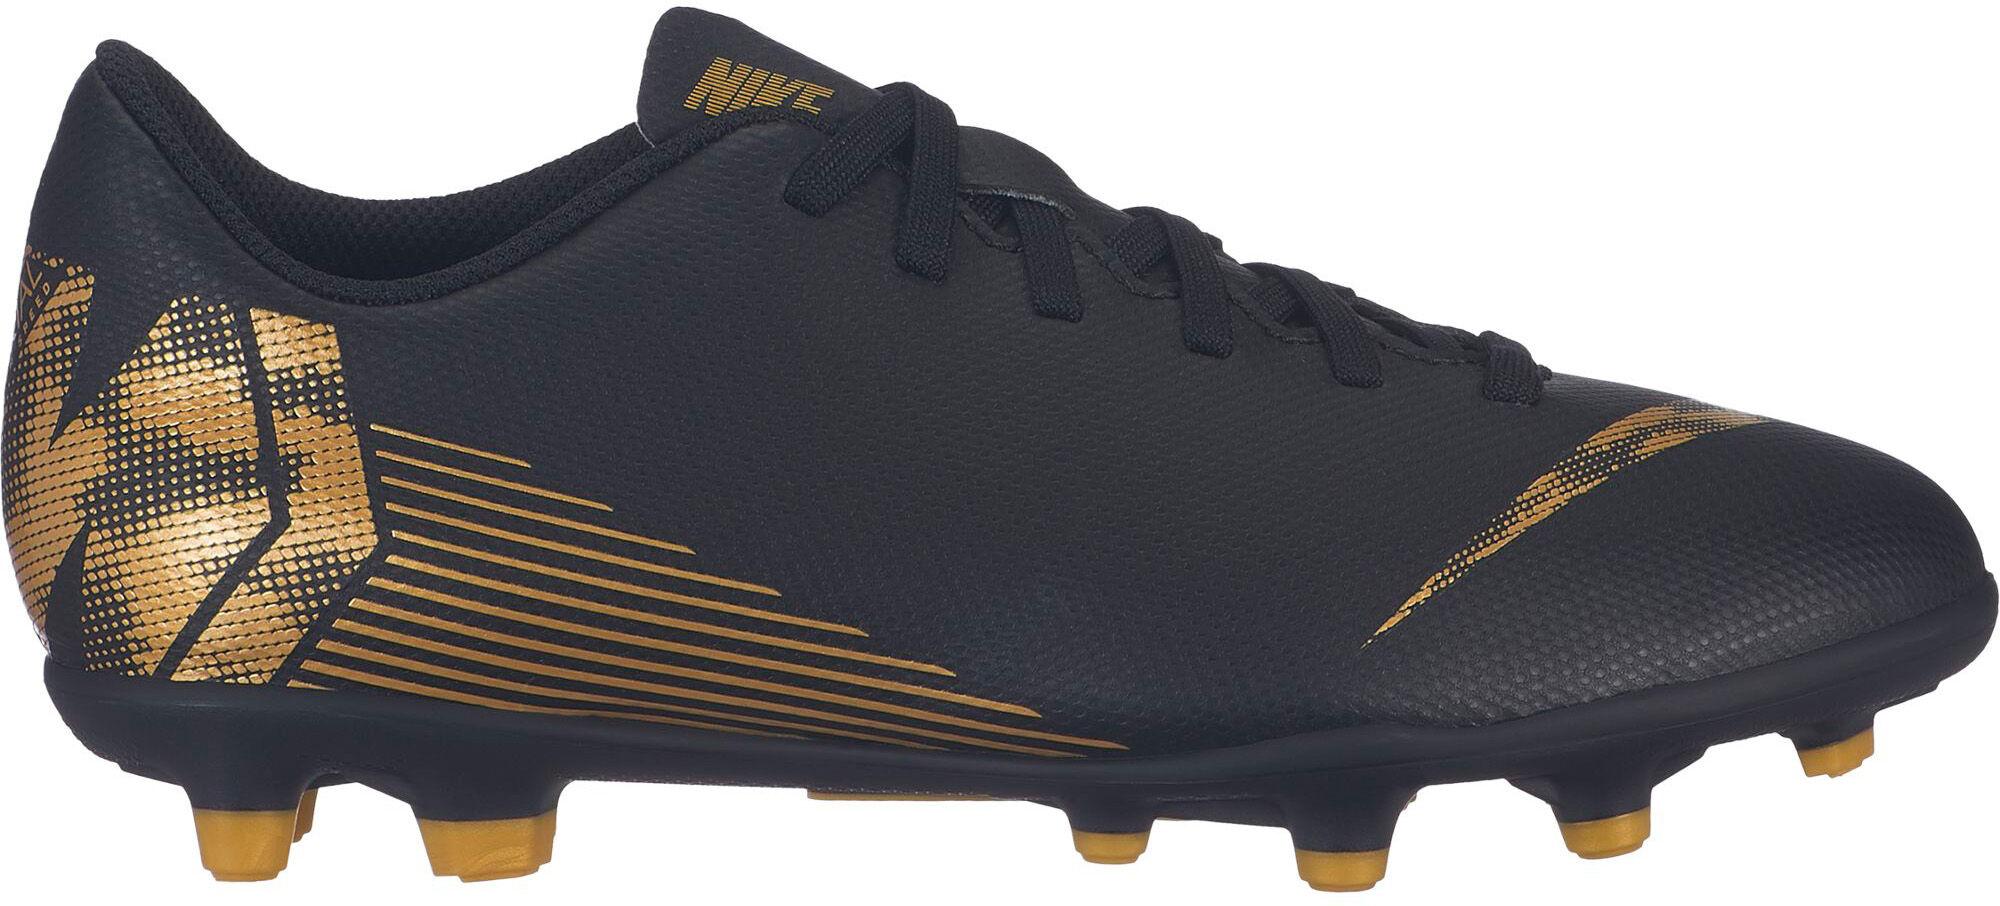 És Legjobb Nike Labdarúgás GyerekSzéles A Cipők For Választék lT13JKcF